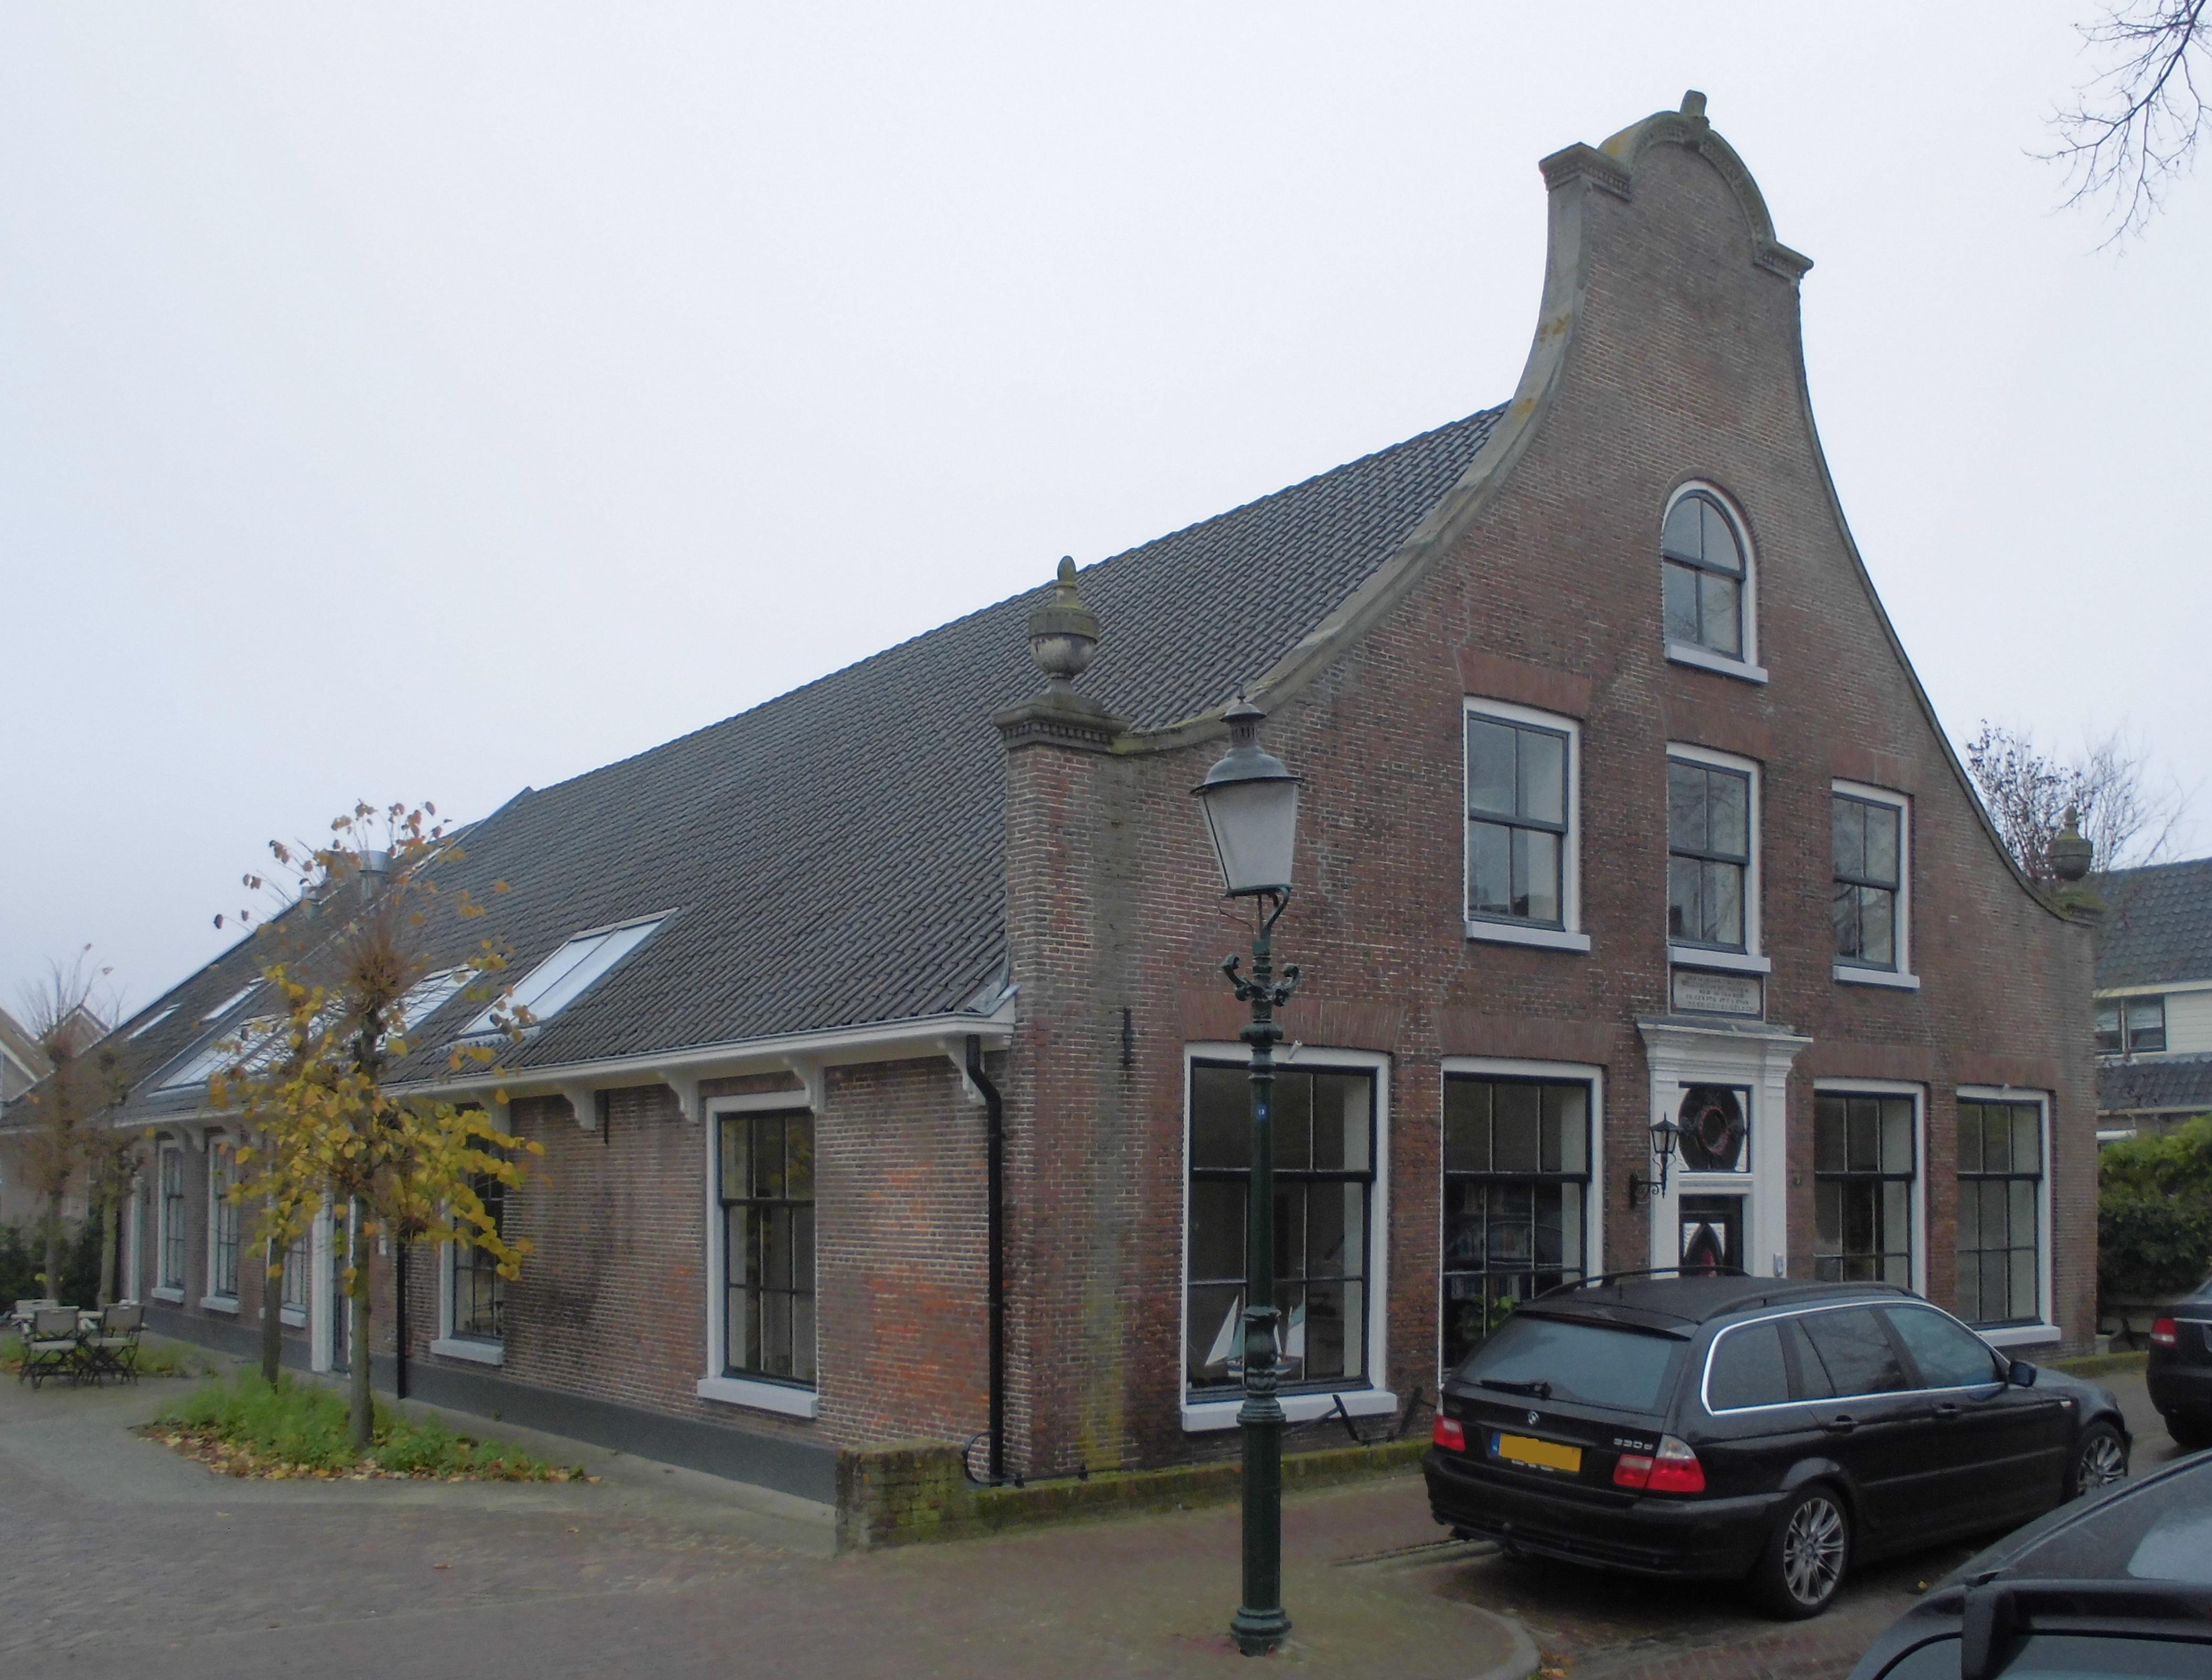 Langgerekte met oud hollandse pannen gedekte boerderij met voorname gevel in huizen monument - Gevels van hedendaagse huizen ...